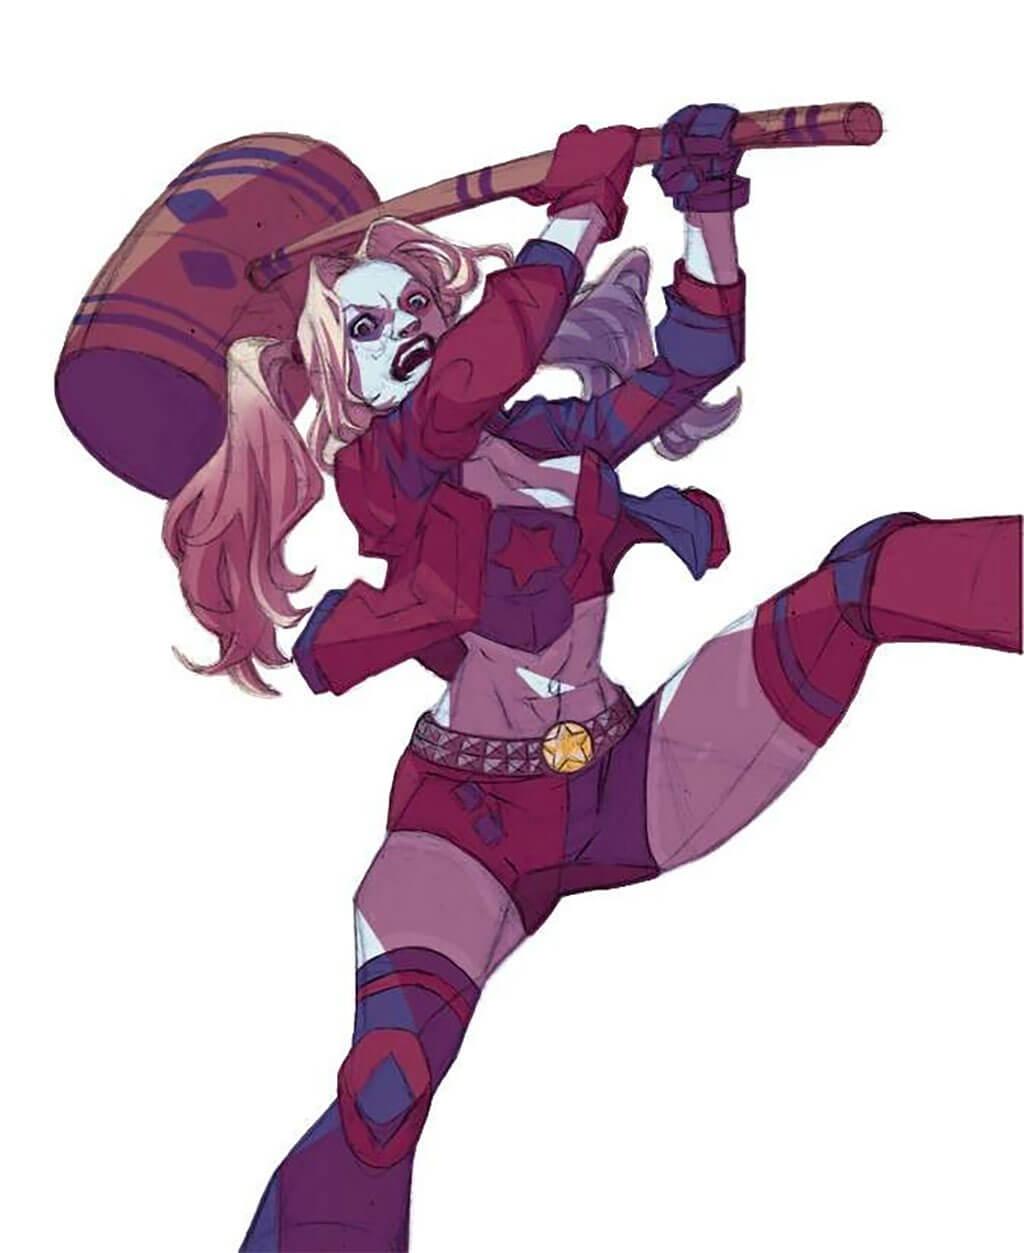 Harley Quinn by Ian Waryanto